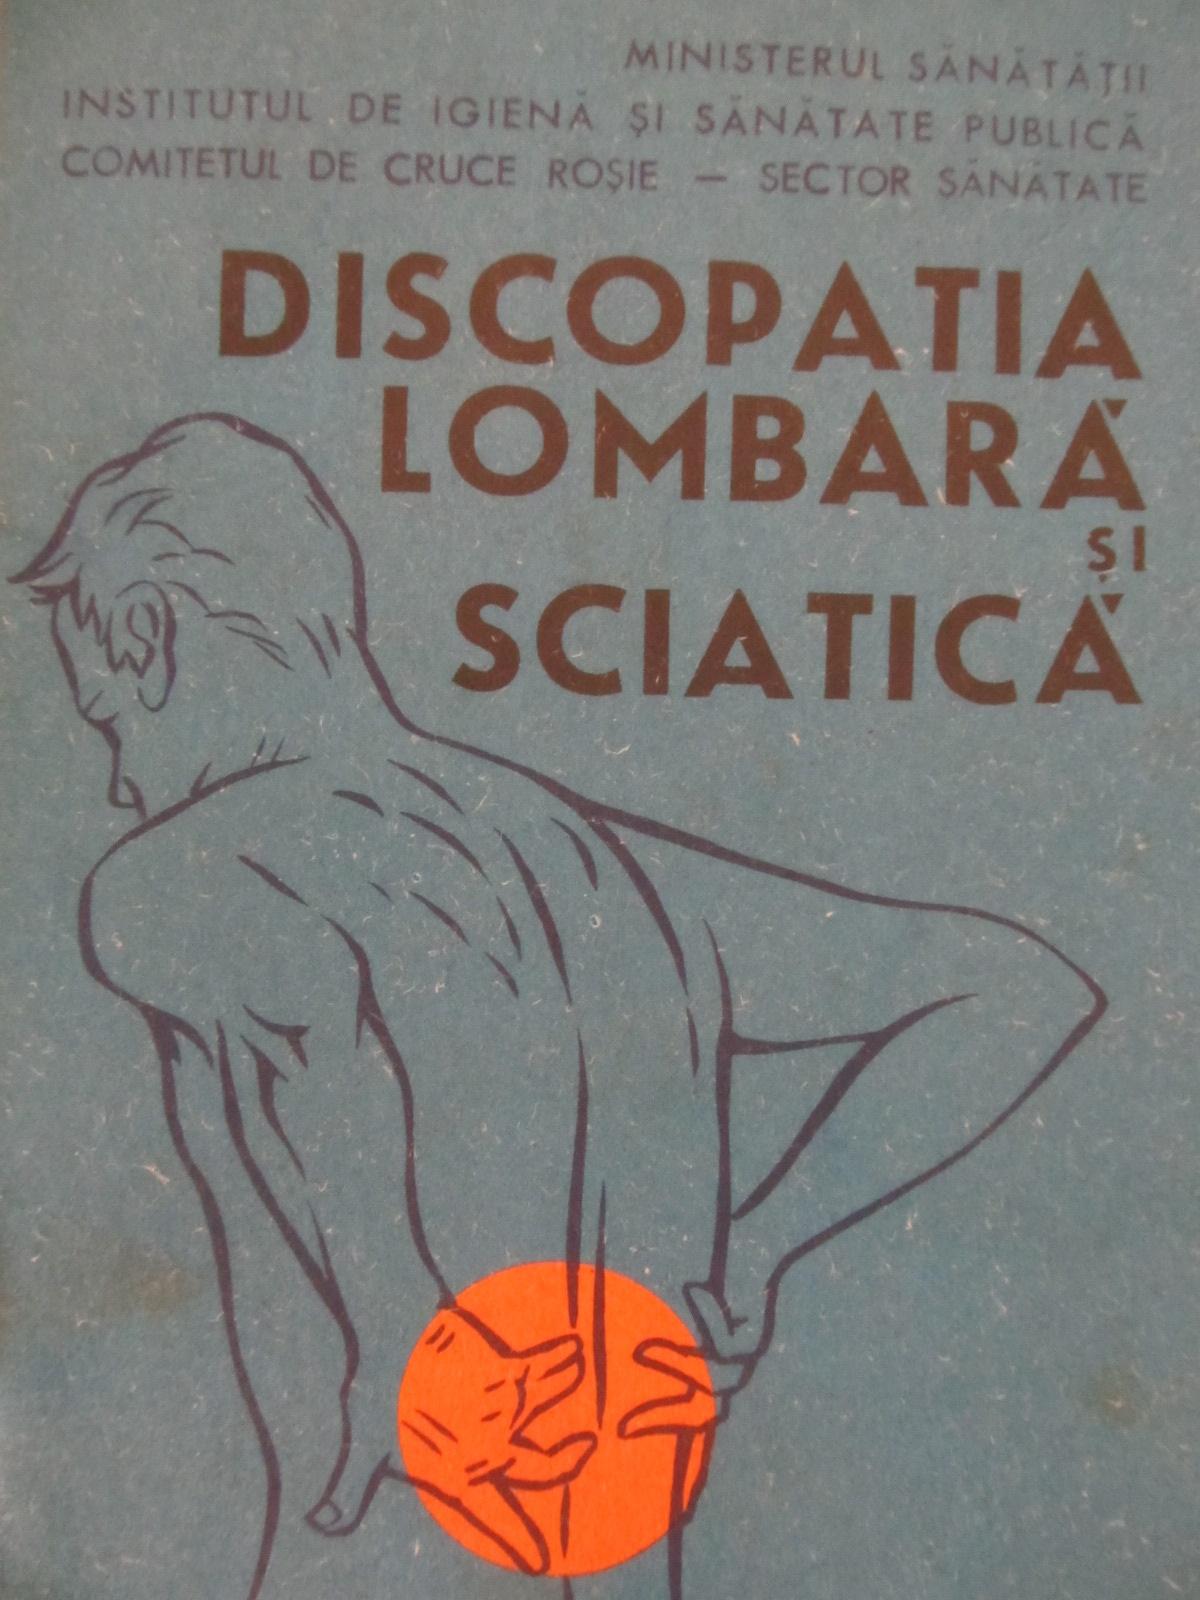 Carte Discopatia lombara si sciatica - Prevenire regim de viata si de munca [1] - Dumitru Civica , Marieta Stoicescu